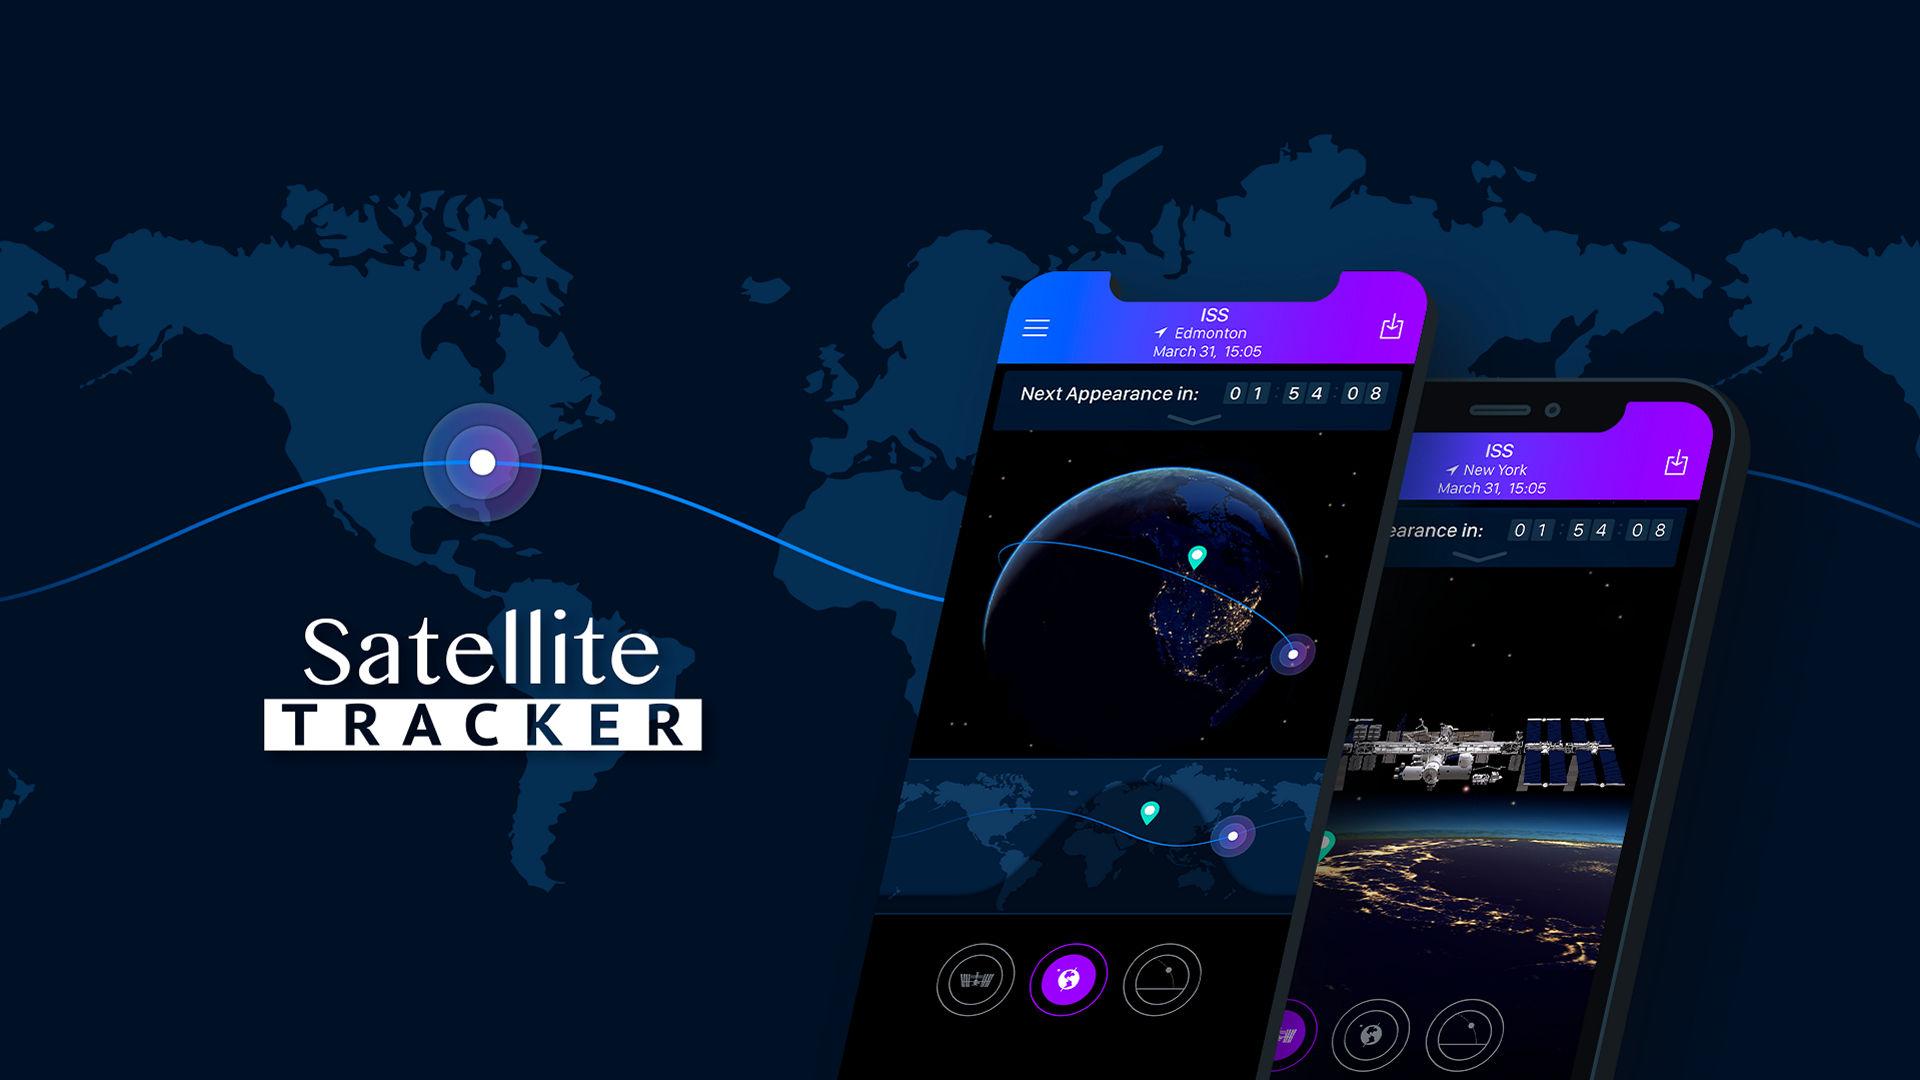 Satellite Tracker app